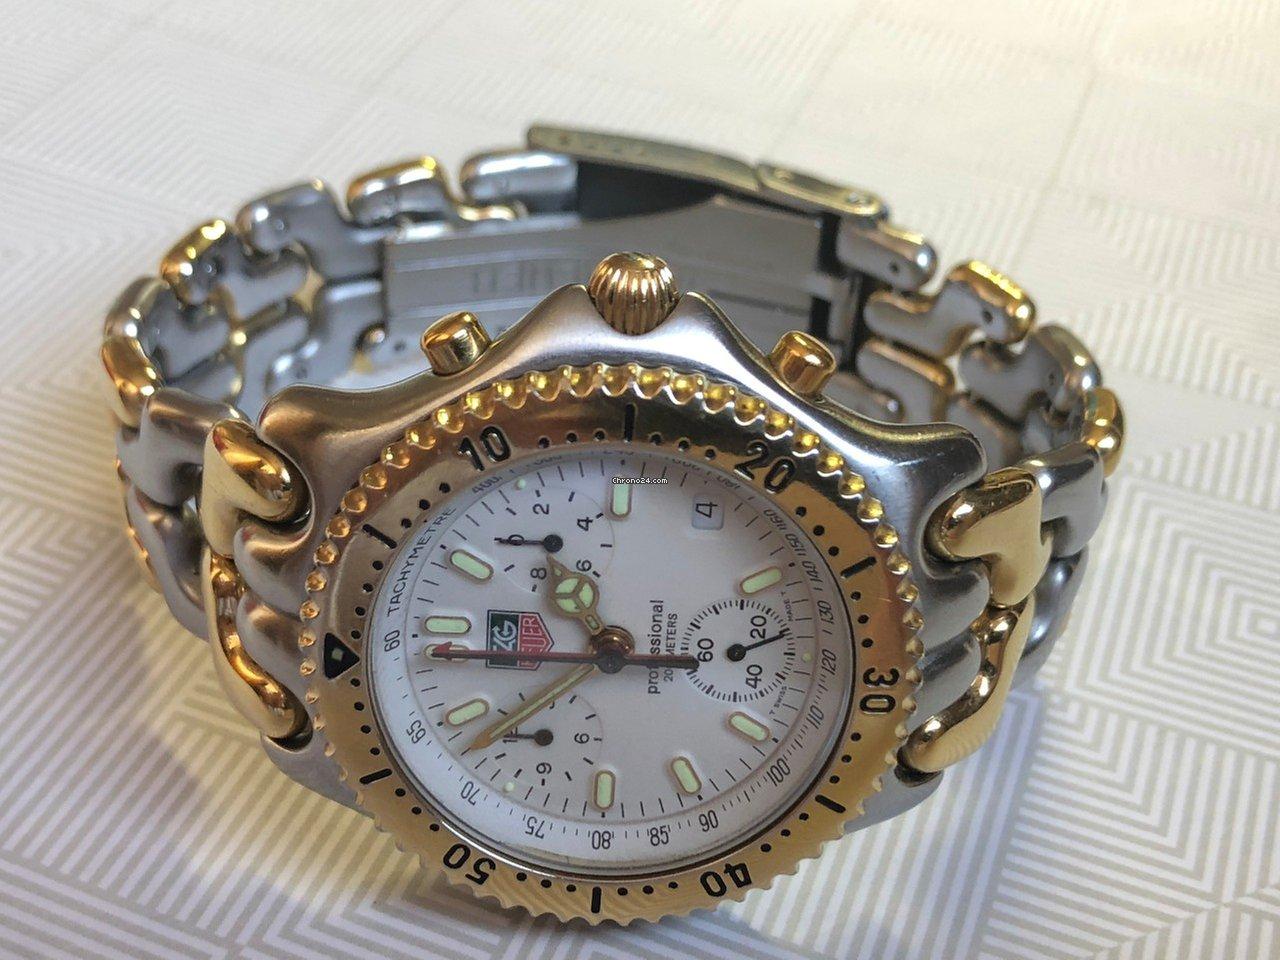 Comprar relógios TAG Heuer   Preço de relógios TAG Heuer - Relógios de luxo  na Chrono24 81f35fb4ab